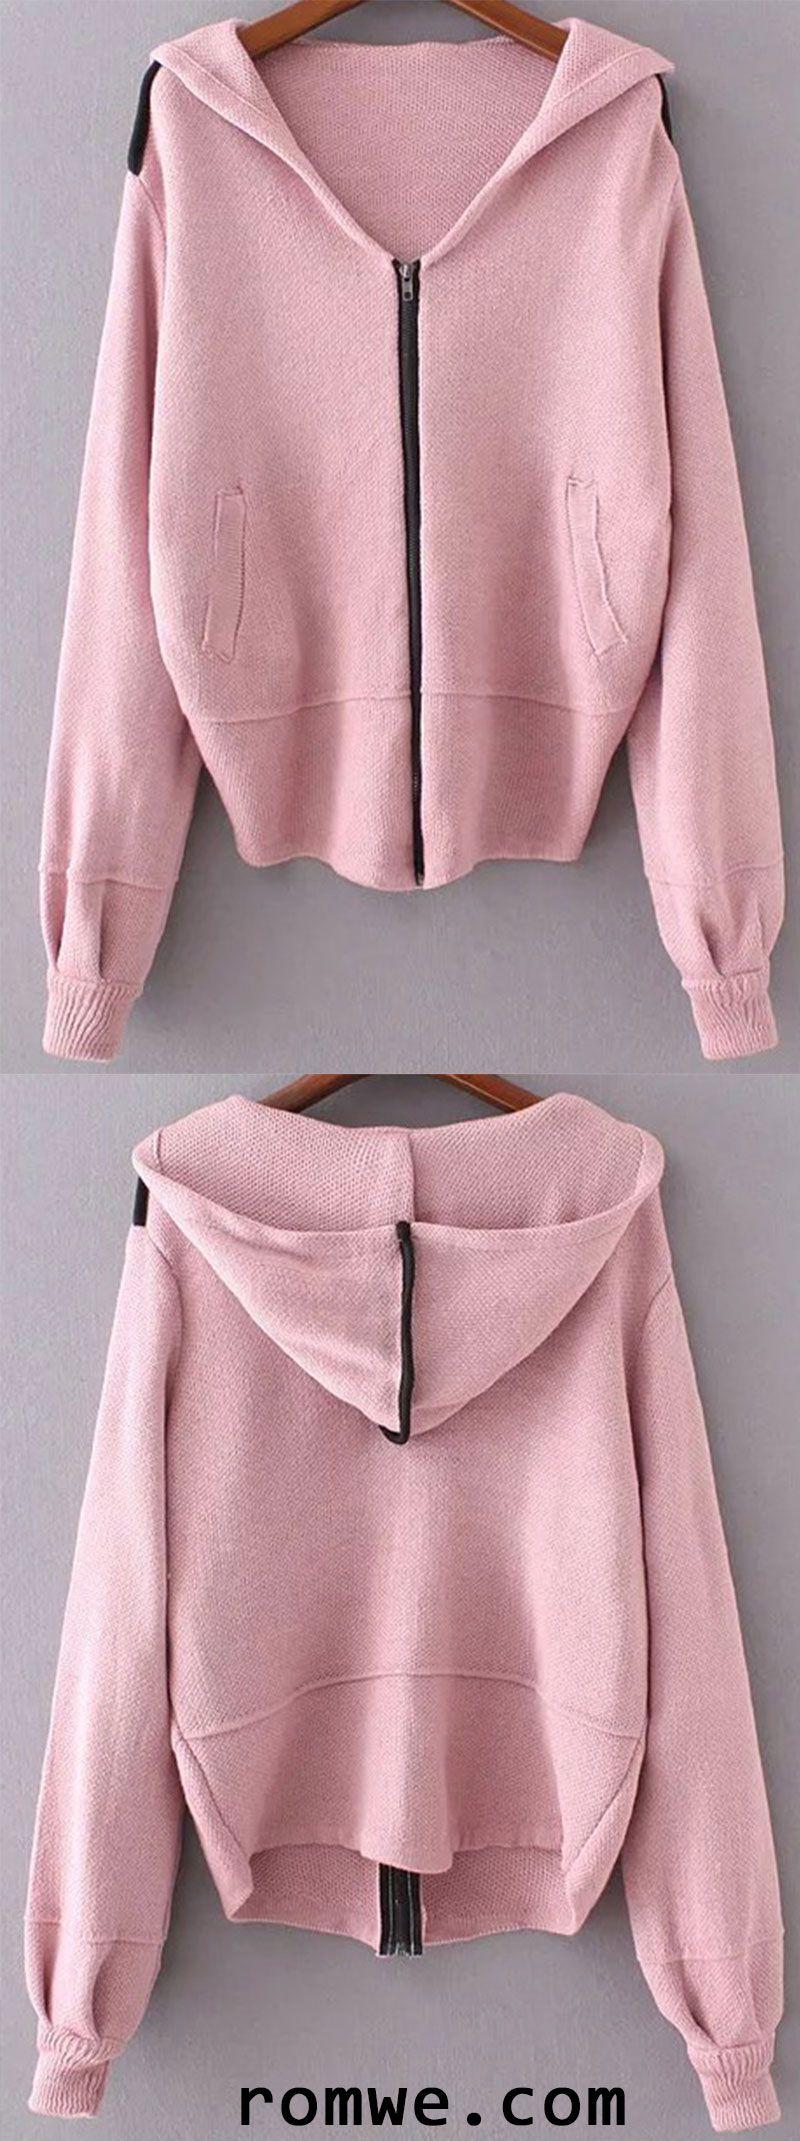 Pink Zipper Up Hooded Sweater Coat | Romwe Women Style | Pinterest ...